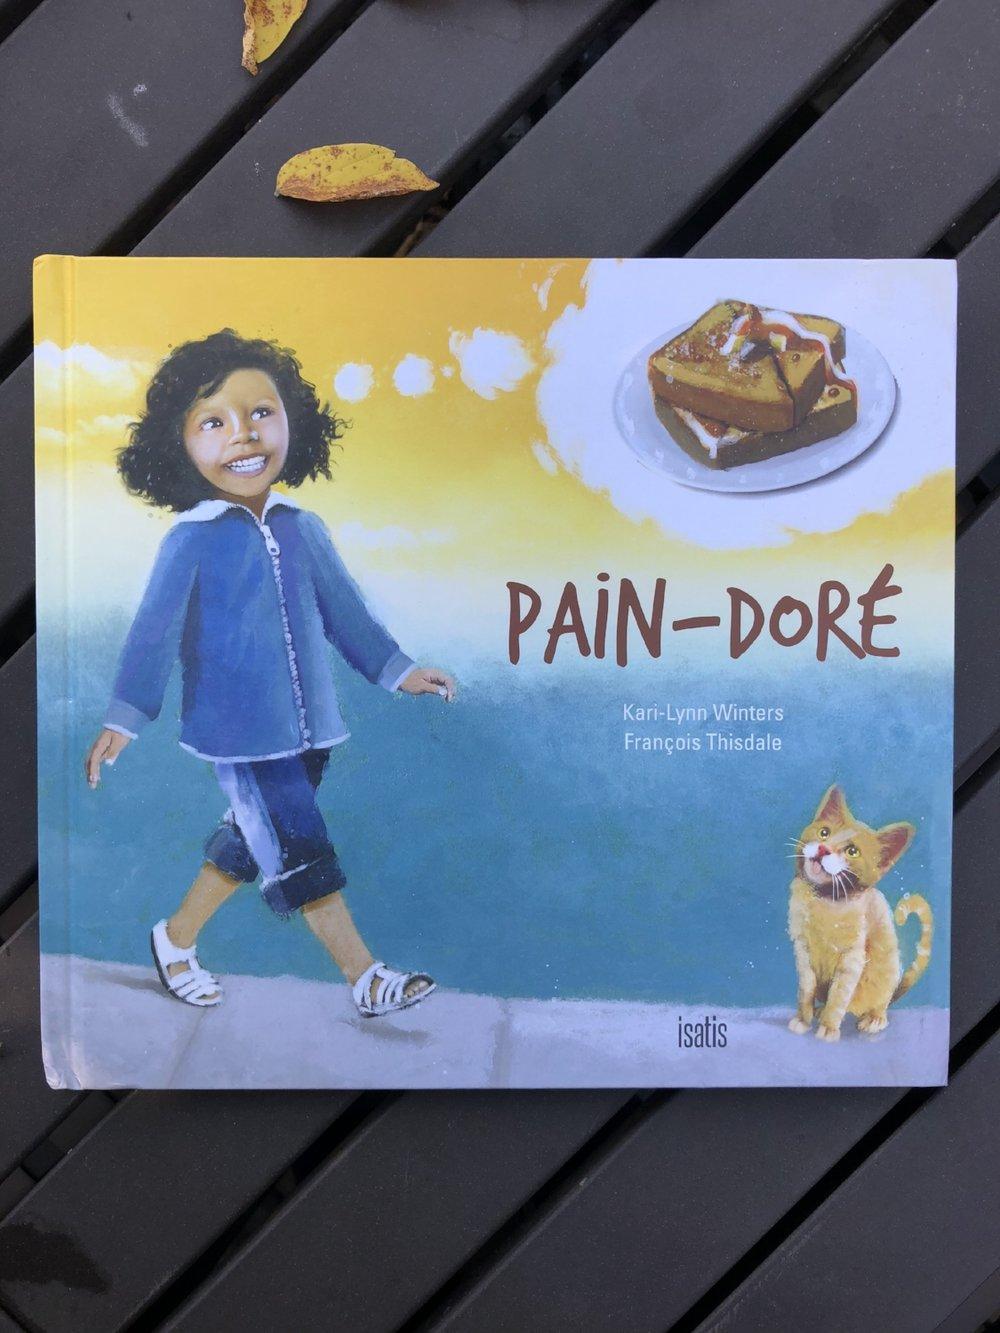 Pain doré-couleur de peau-conscience sociale-différence-album jeunesse-livre pour enfants-suggestions de livres-littérature jeunesse-lire-lecture-coups de coeur littéraires-enfants-Je suis une maman